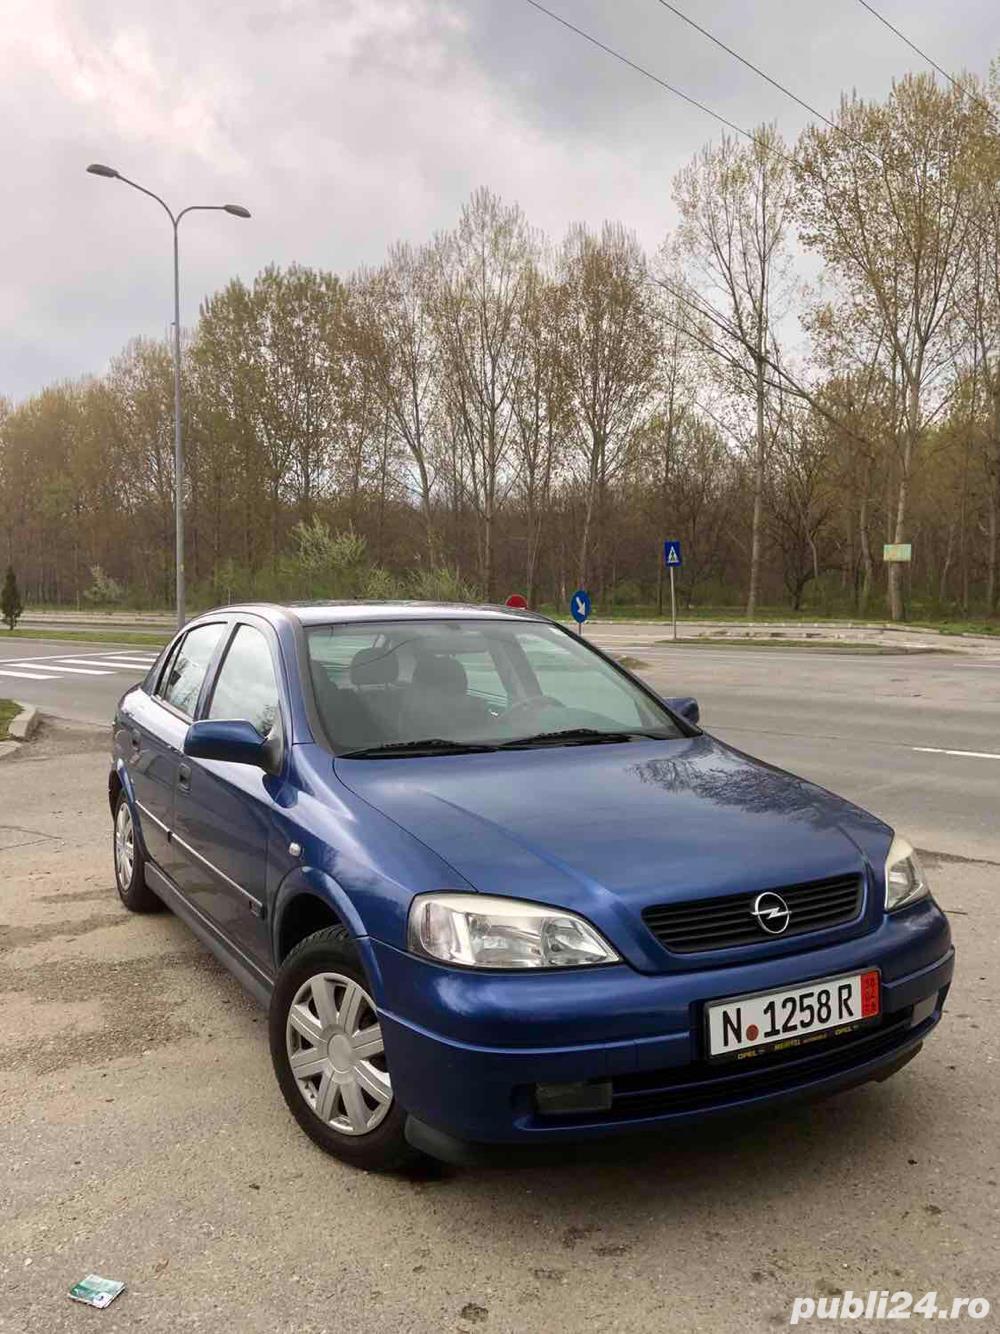 Opel Astra G 1.6i euro 4 120000km cu carte service